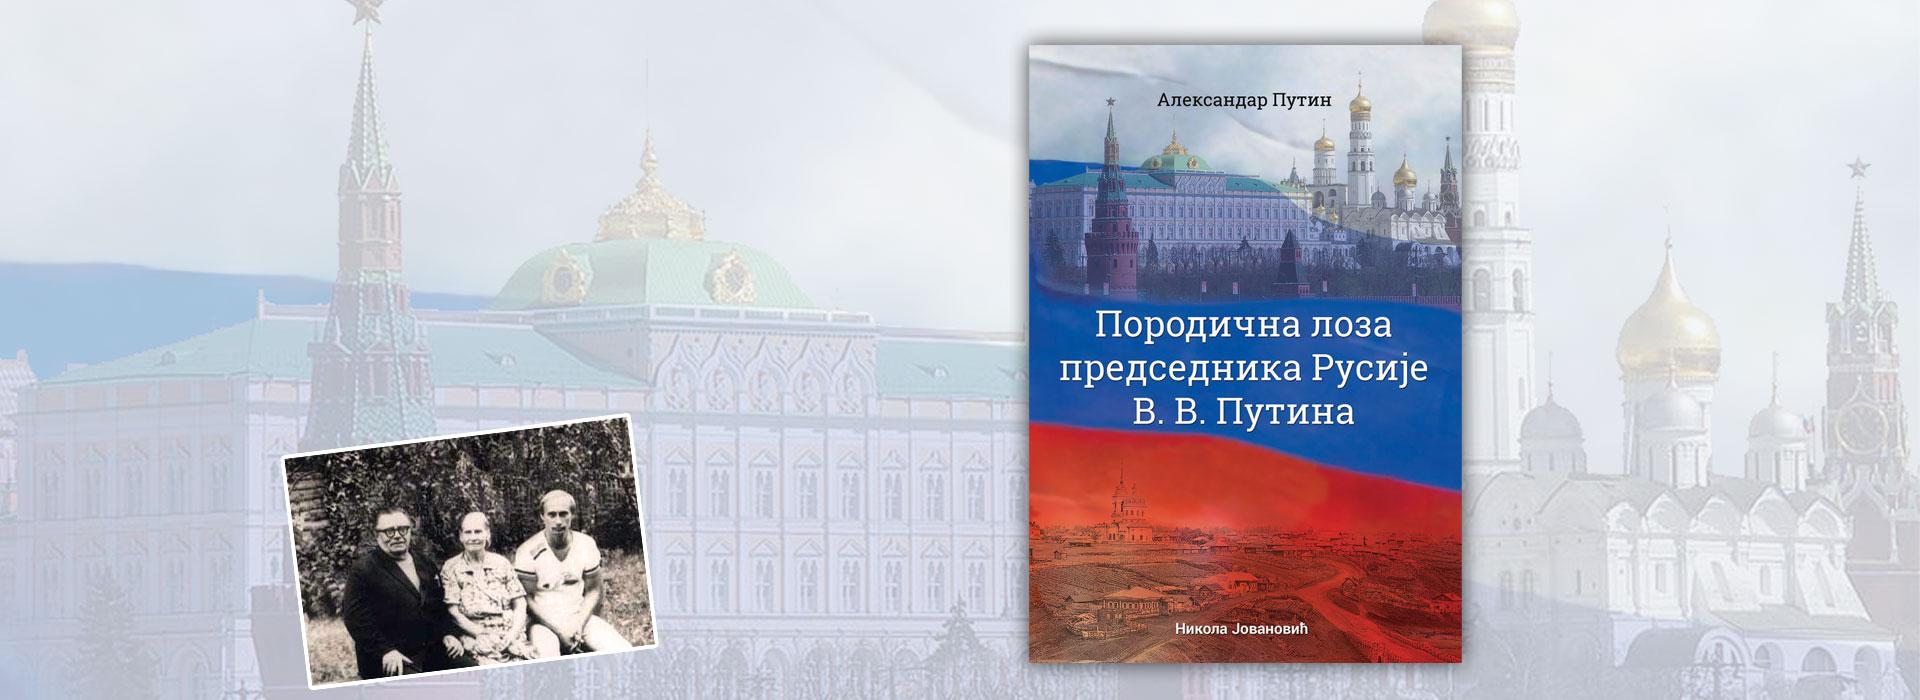 Knjiga o poreklu Predsednika Rusije Putina